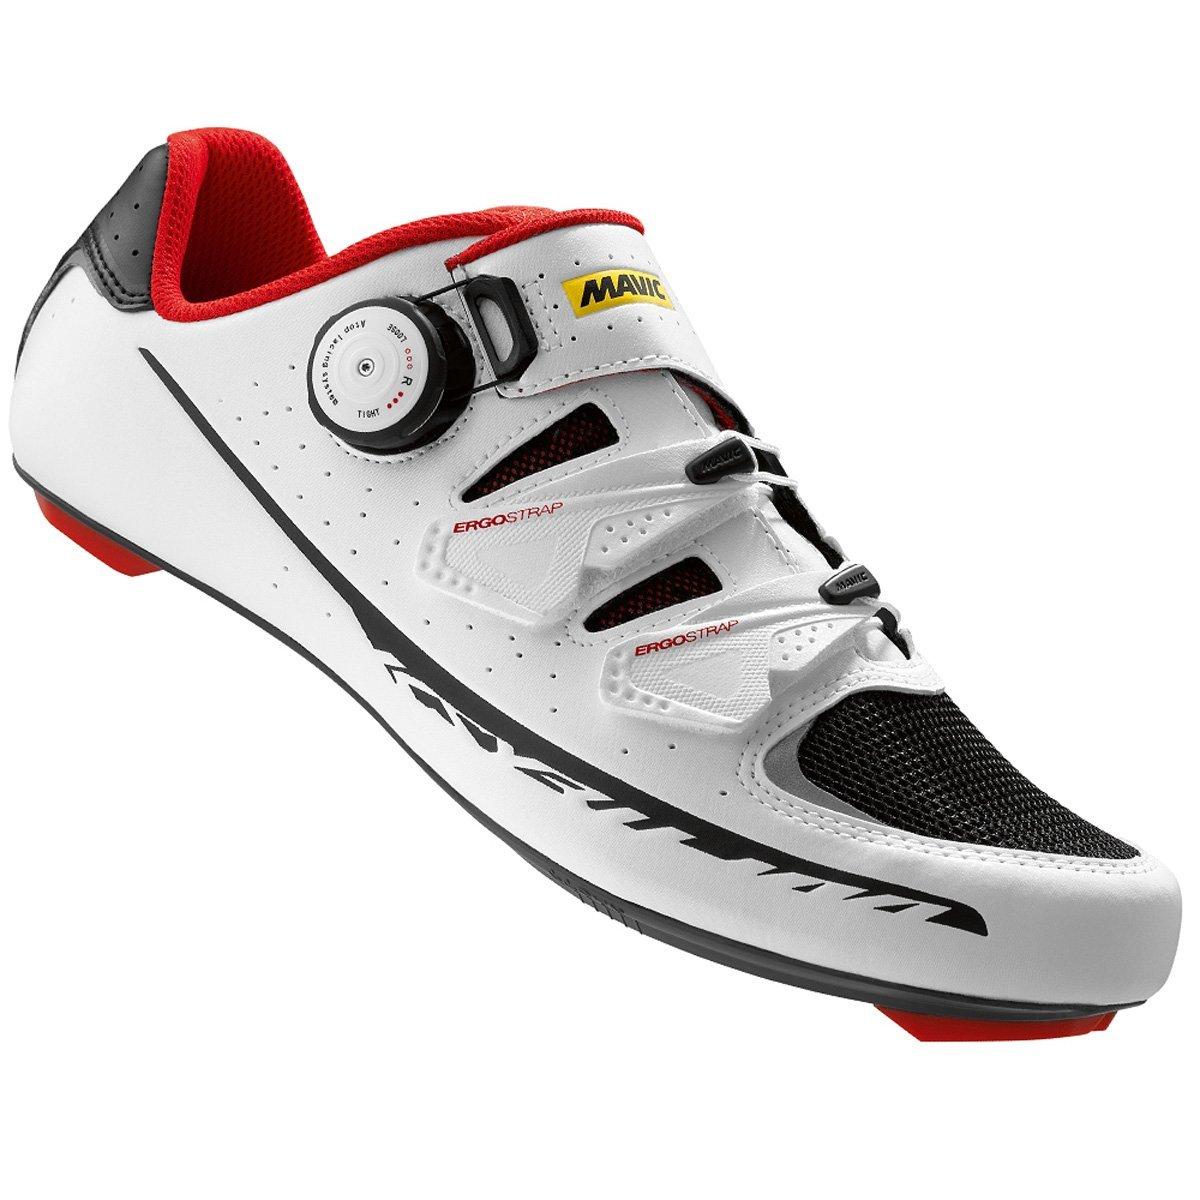 Mavic Ksyrium Pro Rennrad Fahrrad Schuhe weiß schwarz 2016